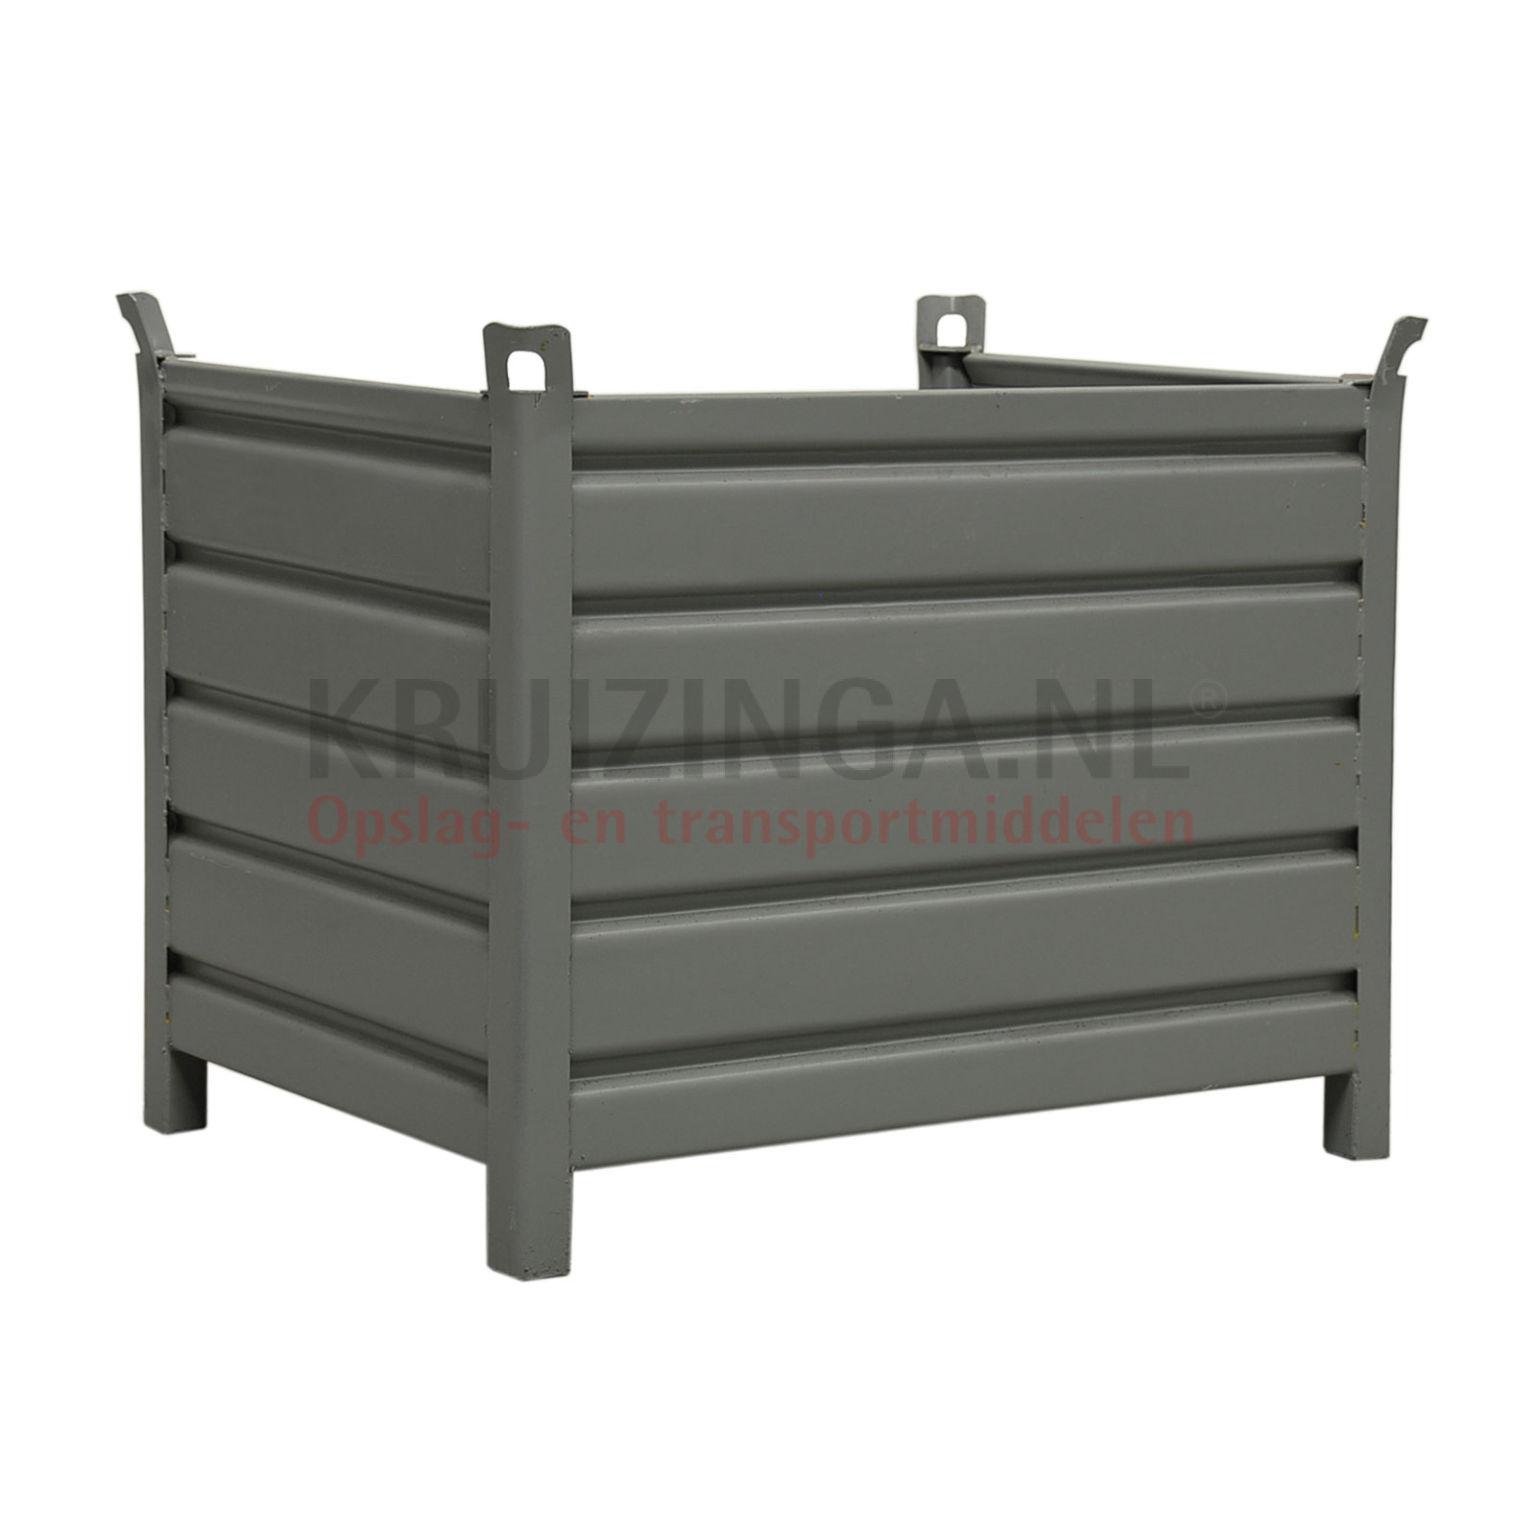 bac de rangement acier construction robuste bac empilable 1 paroi demi haut partir de 234 75. Black Bedroom Furniture Sets. Home Design Ideas